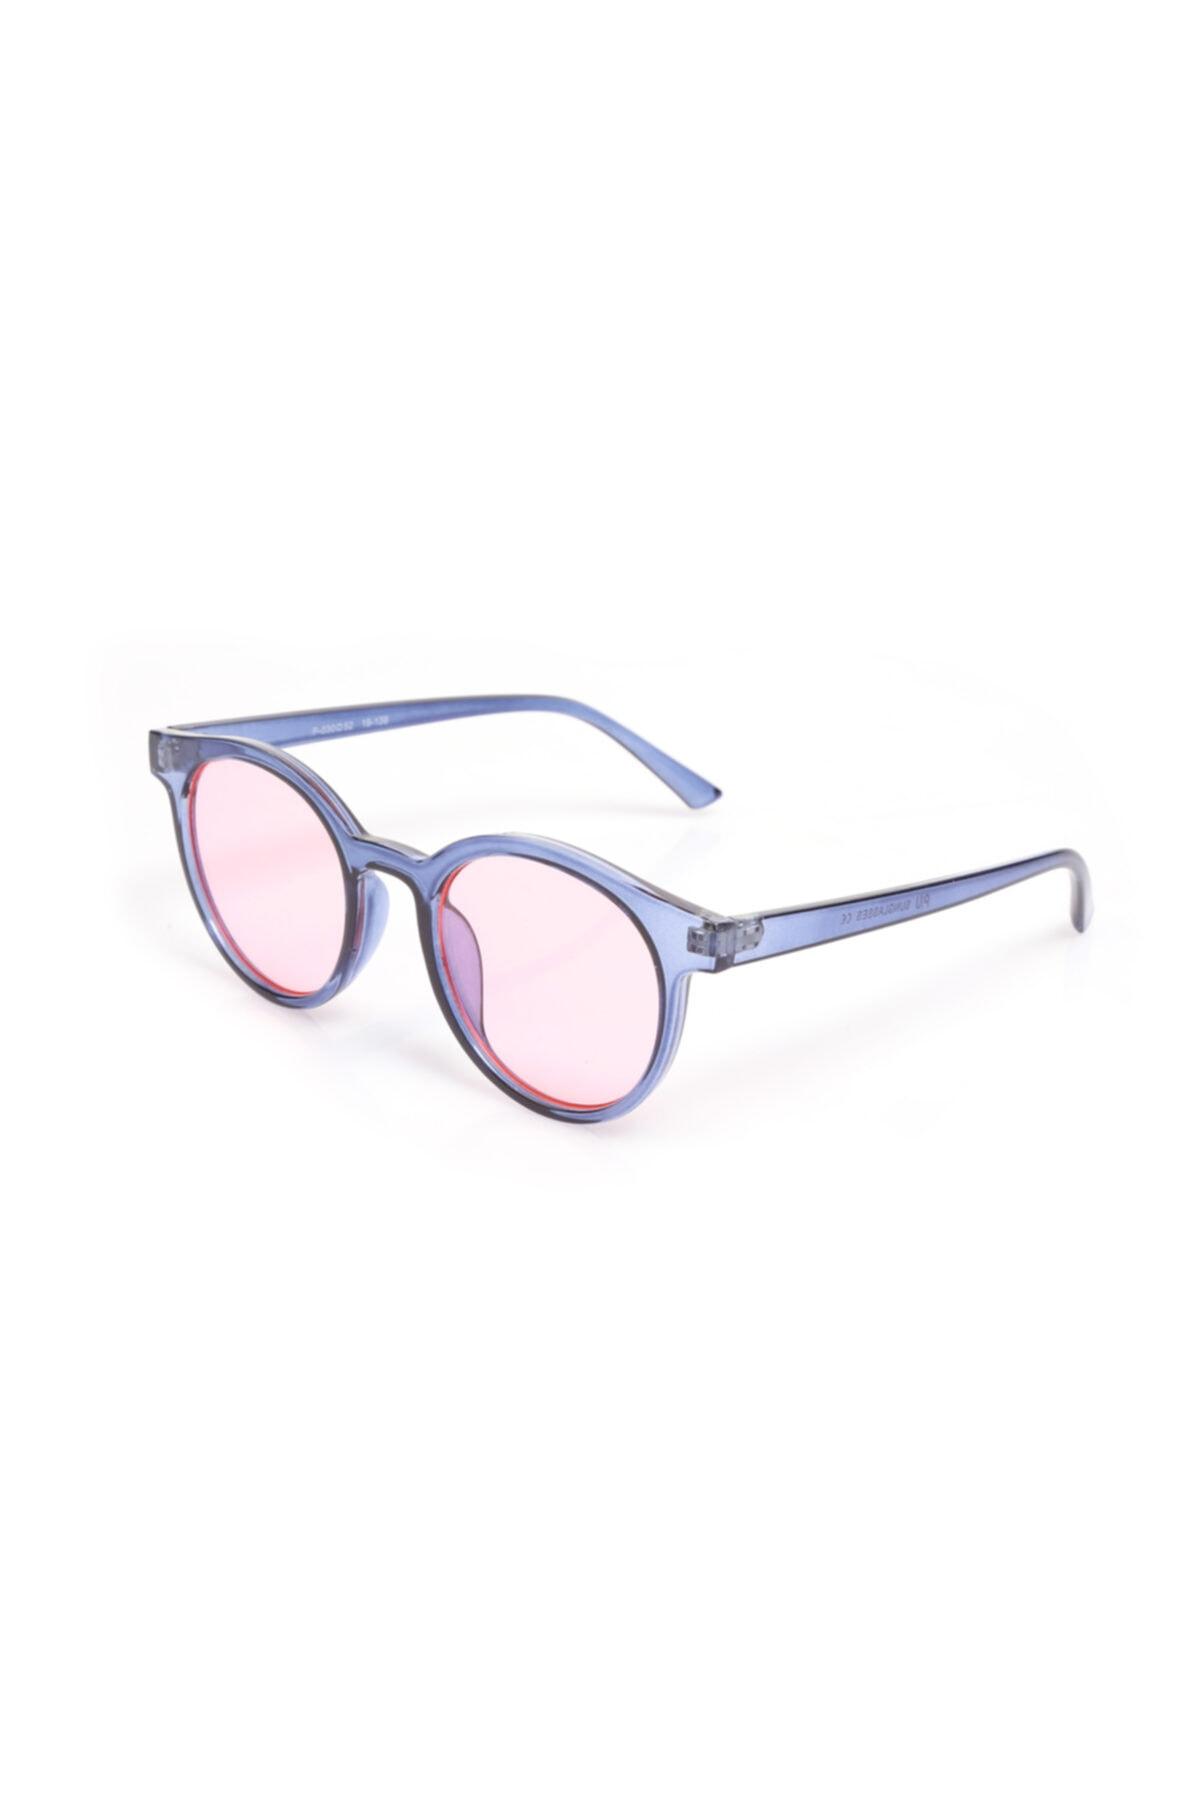 عینک آفتابی مردانه ترک جدید برند Piu رنگ آبی کد ty55094322